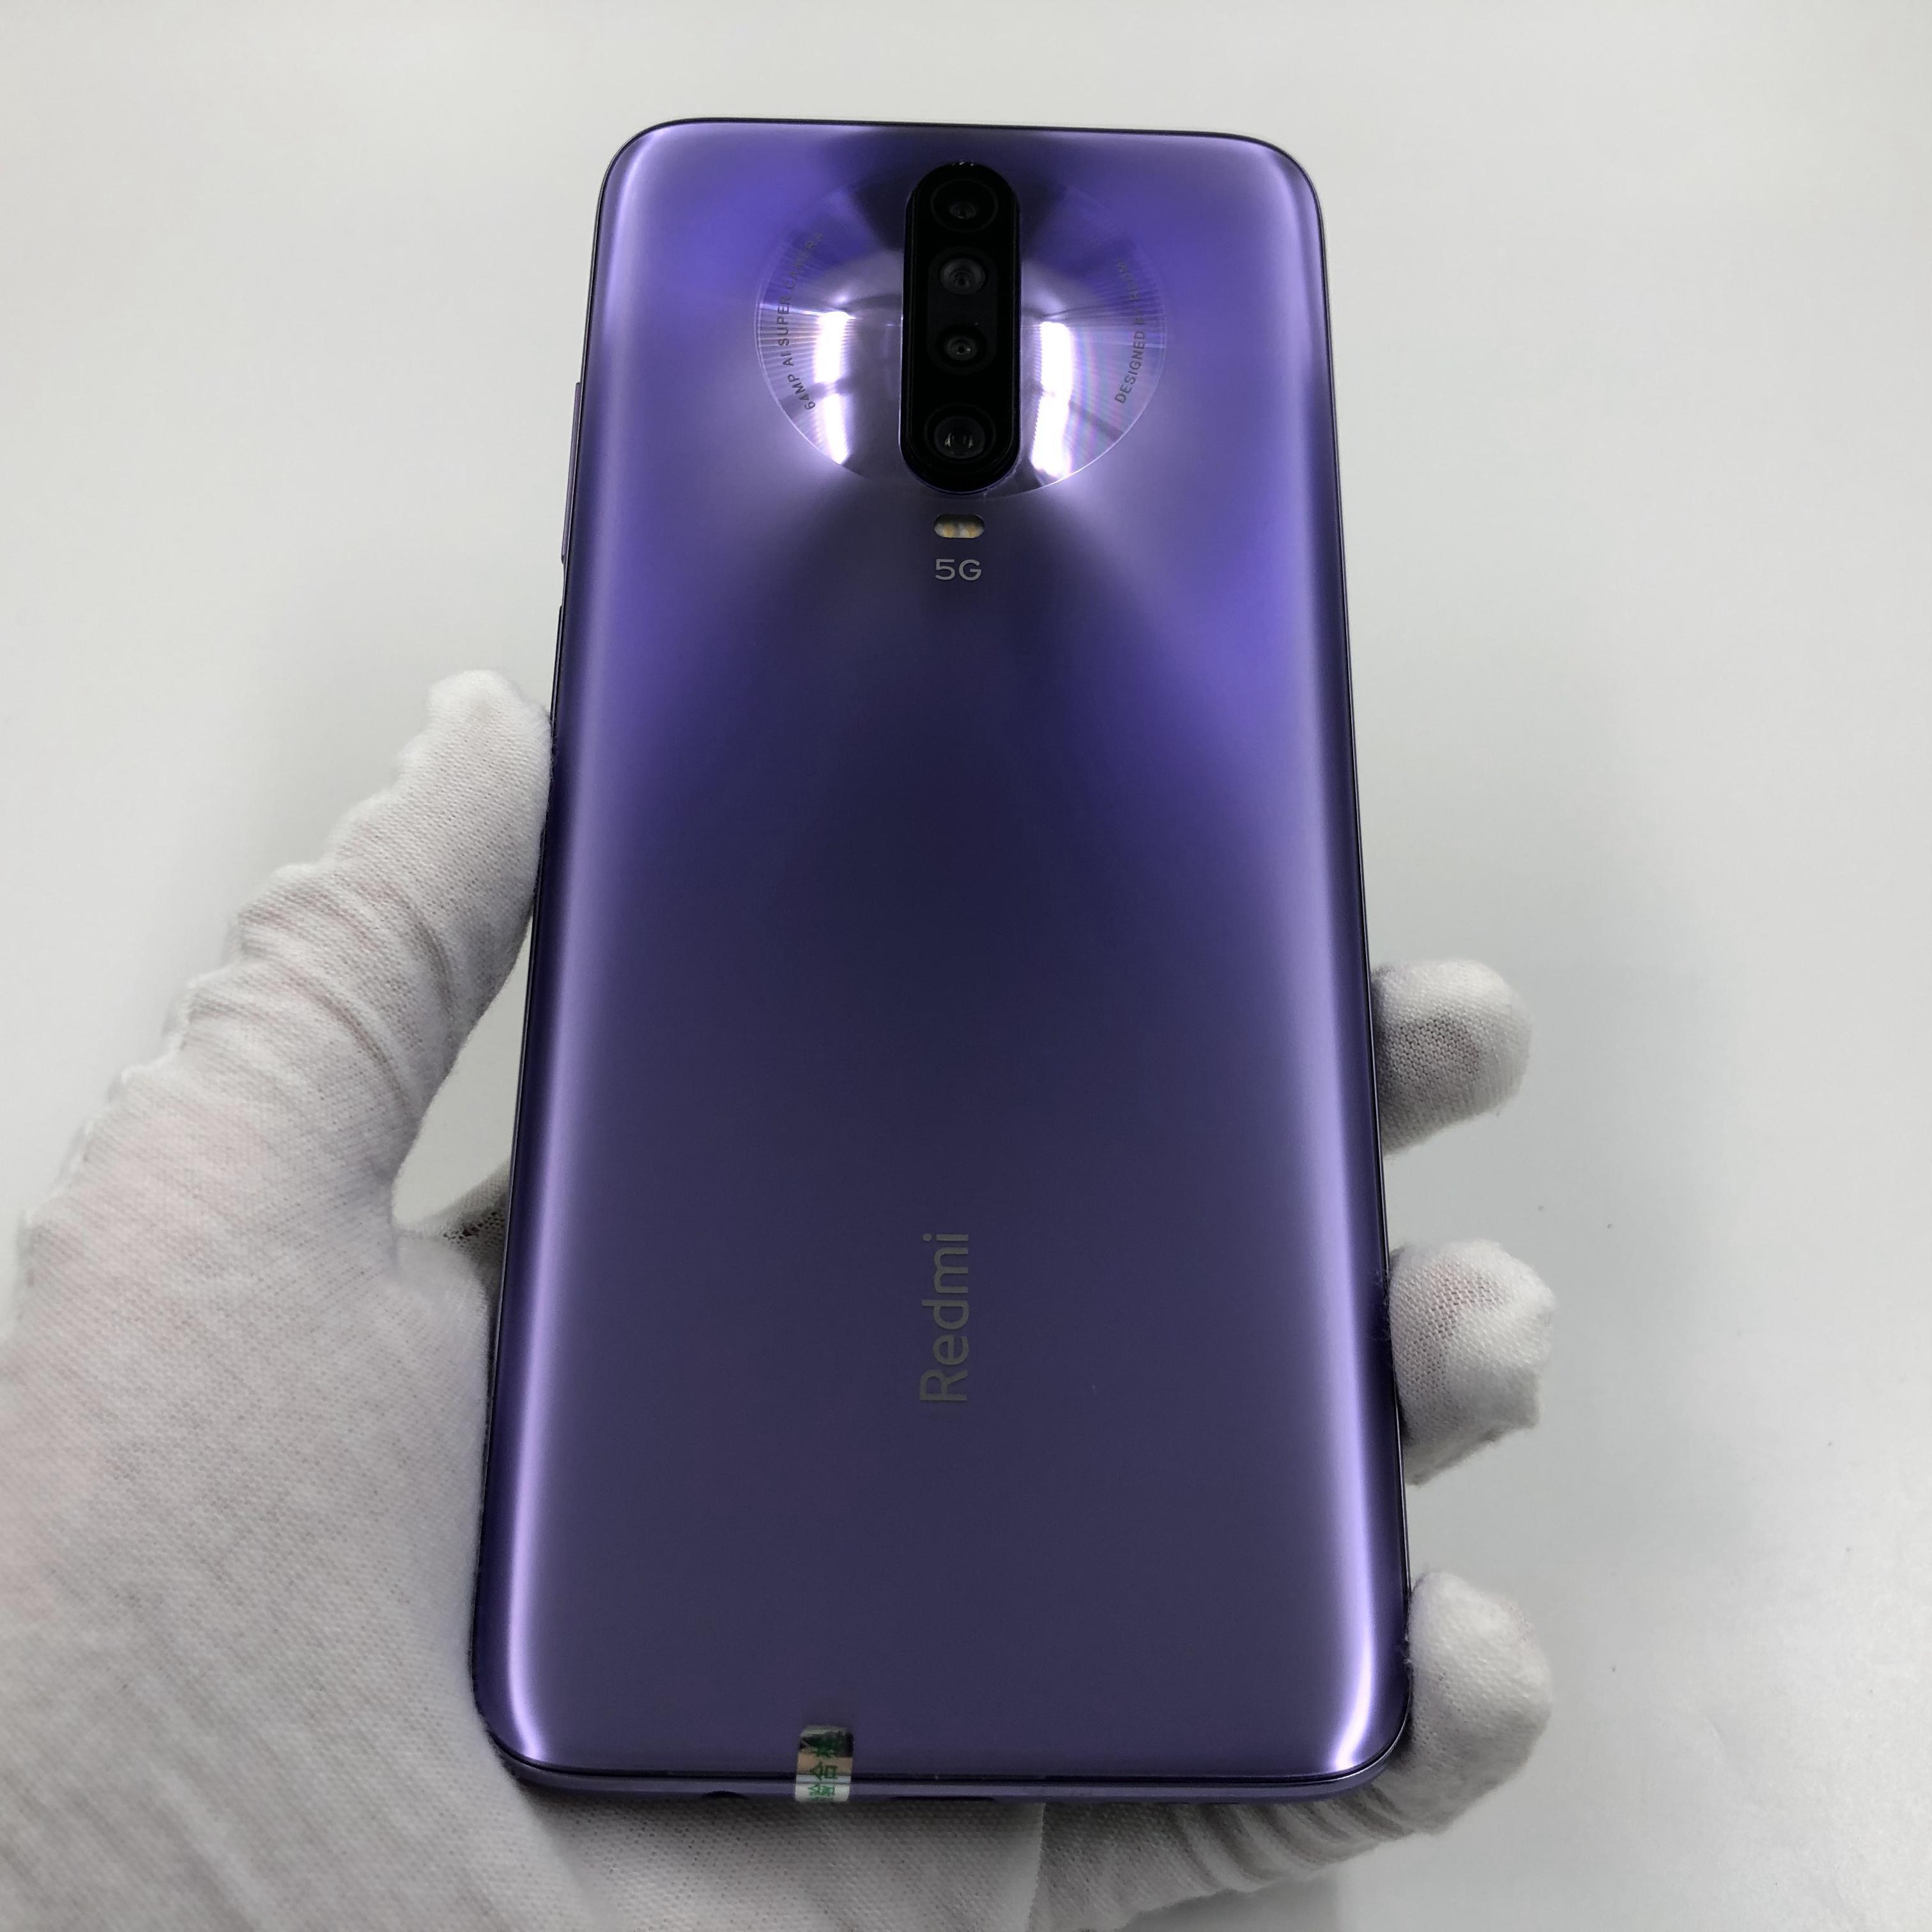 小米【Redmi K30 5G】5G全网通 紫玉幻境 6G/128G 国行 95新 真机实拍